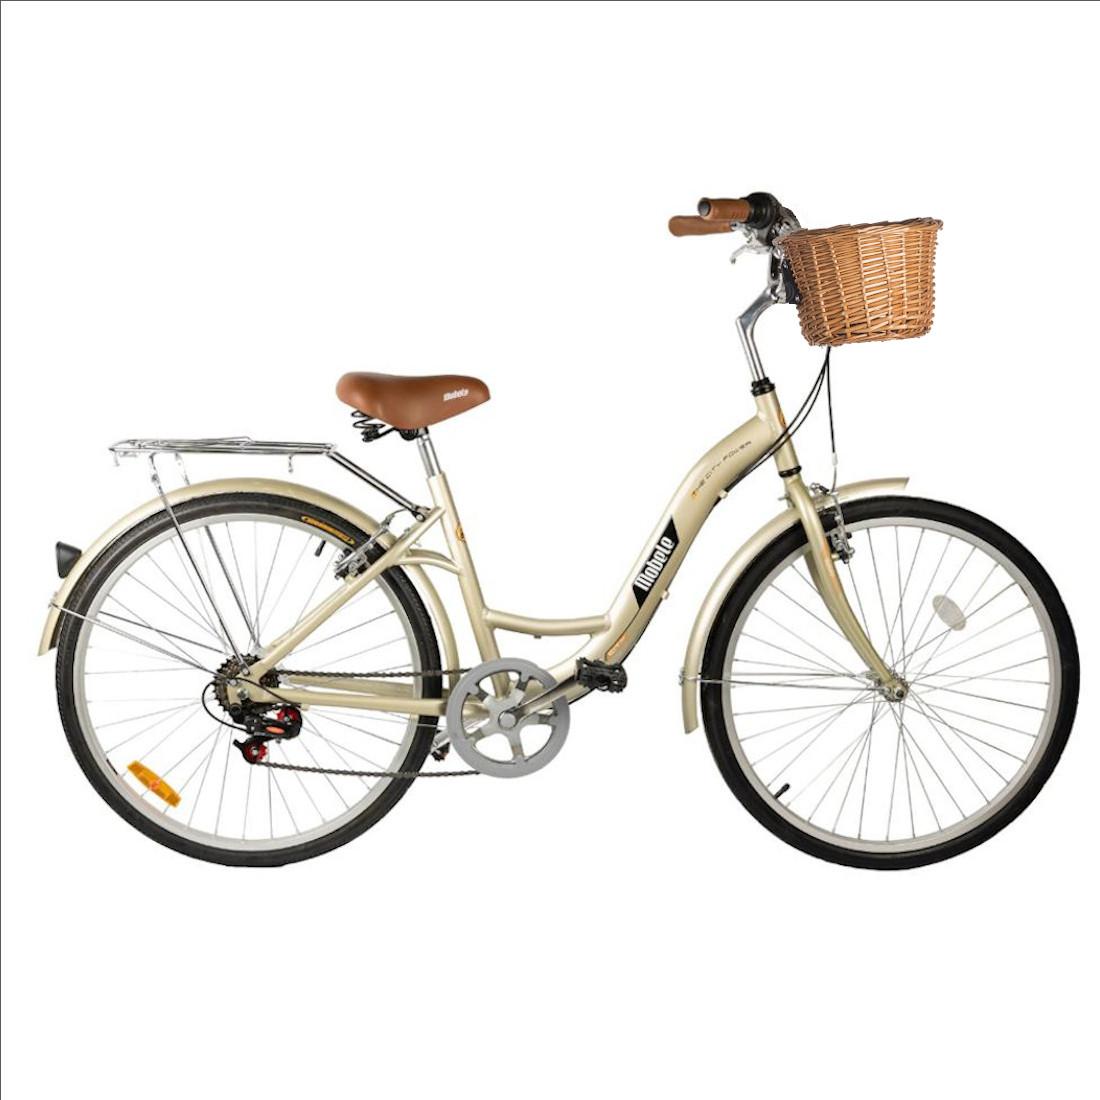 Bicicleta Vintage Retrô Aro 26 7V Champagne Hit City Mobele com Cestinha